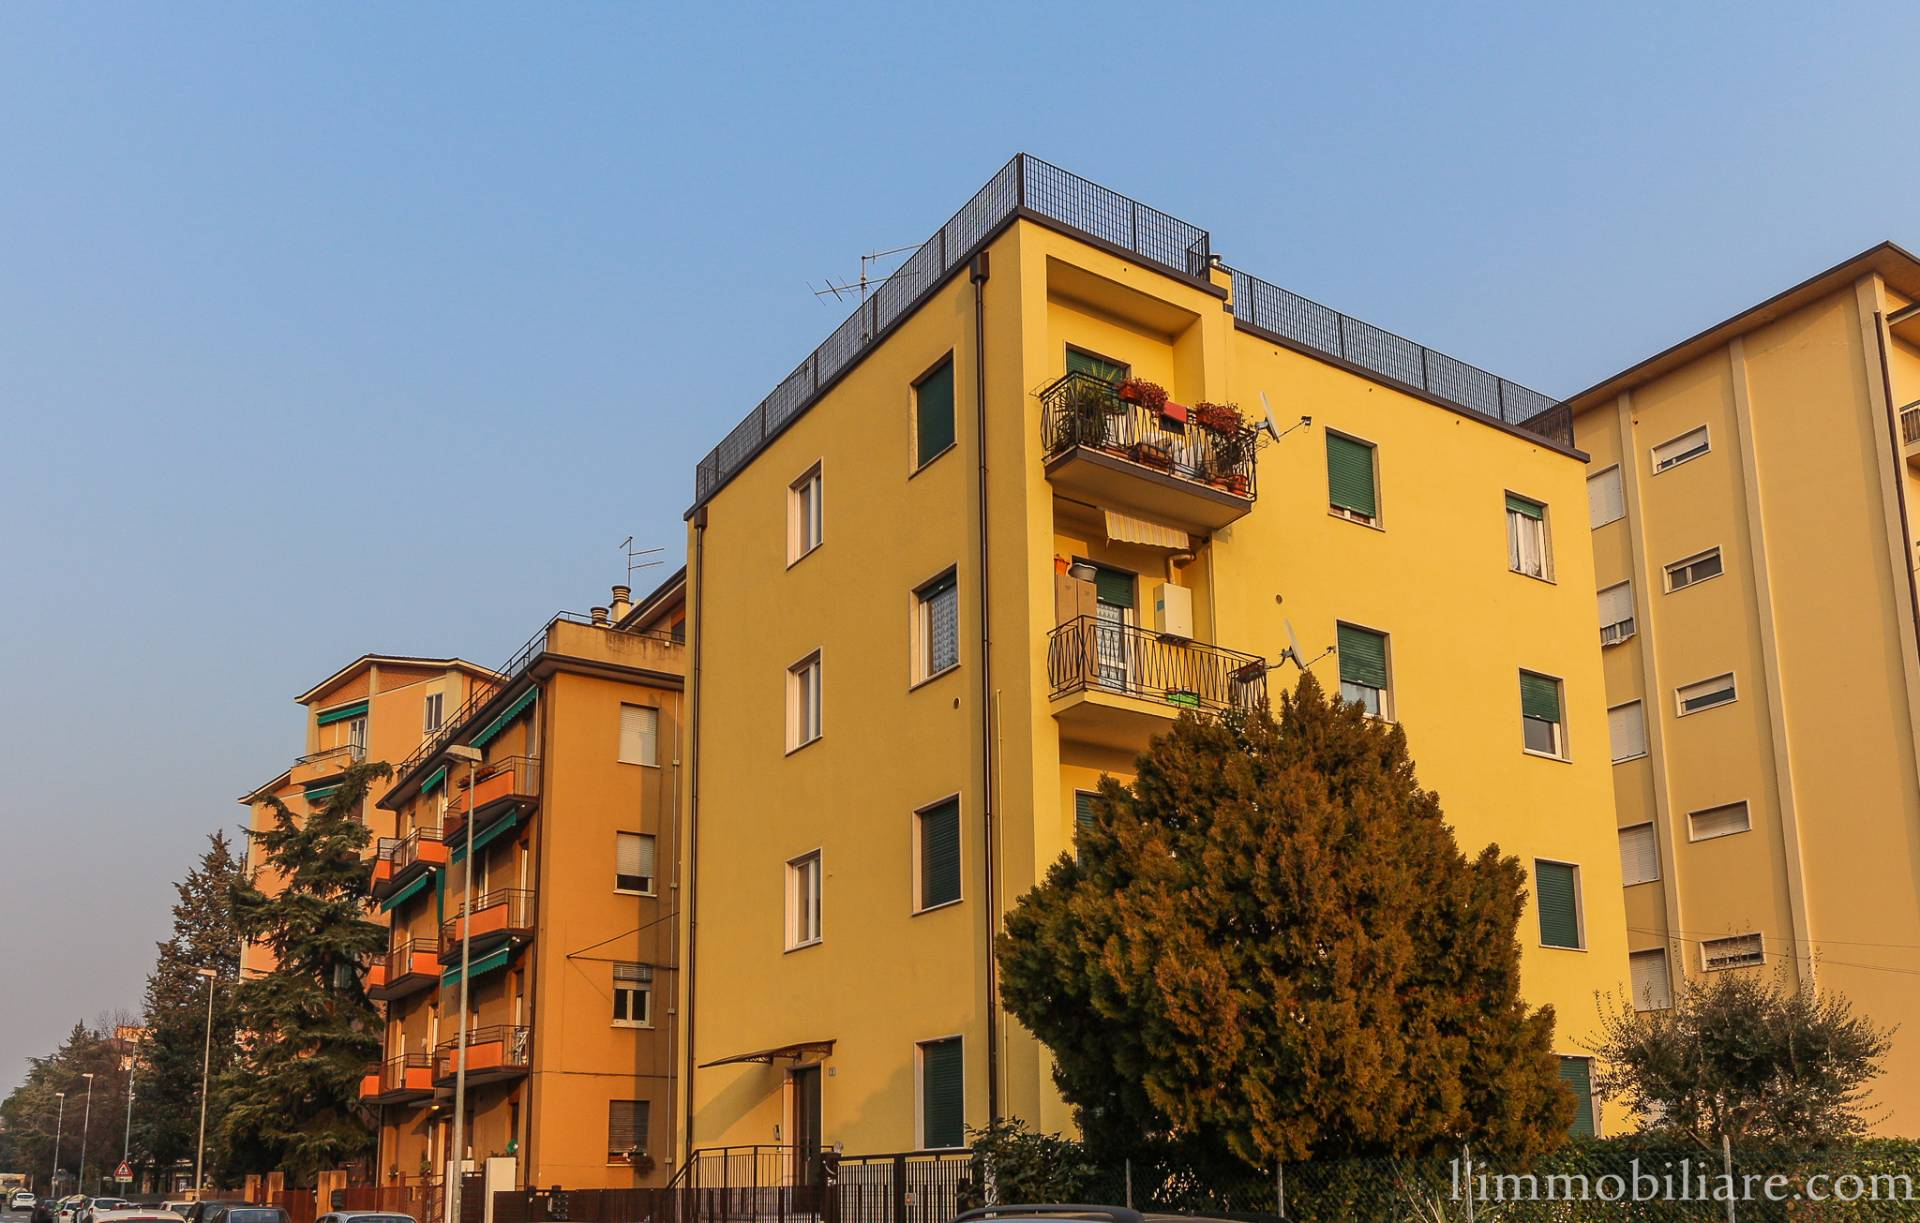 Appartamento in affitto a Verona, 2 locali, zona Località: PonteCrencano, prezzo € 520 | Cambio Casa.it